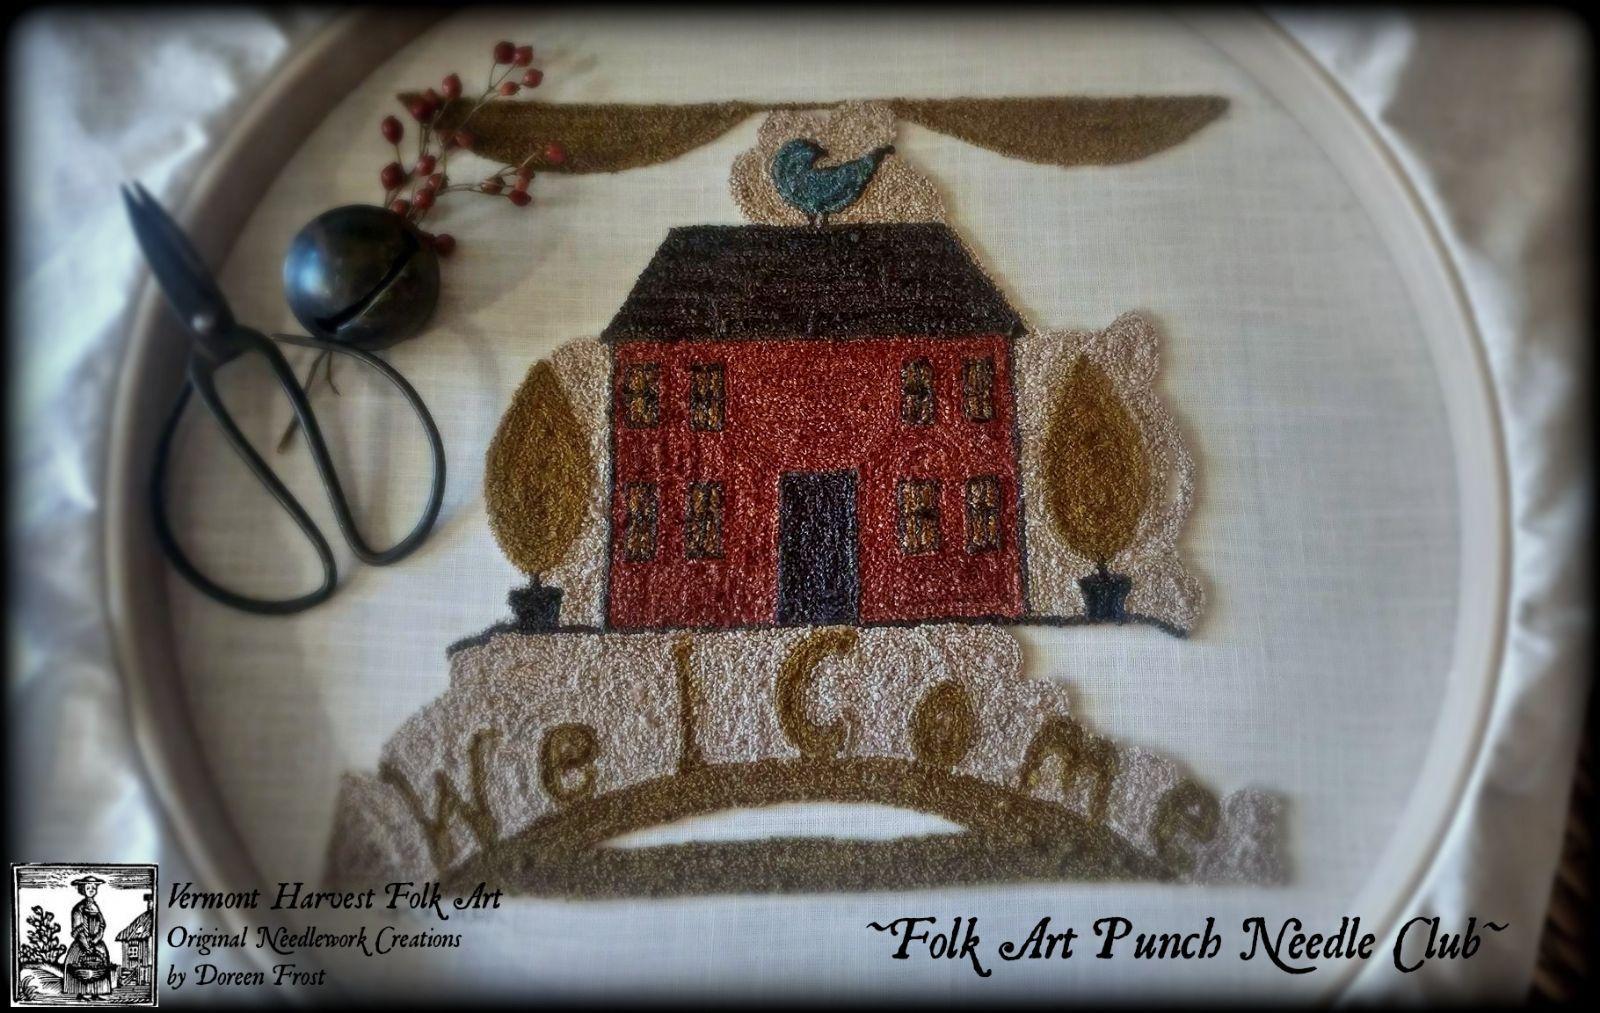 ~ Del arte popular de sacador de la aguja del club ~ - Vermont cosecha arte popular de Doreen Frost, la aguja del sacador primitivo, sacador de la aguja de bordado, sacador de la aguja, la aguja Punch, Patrones sacador de la aguja, Clases sacador de la aguja, apliques de lana, alfombras de perforación, Oxford sacador de la aguja, Vermont Artista , Vermont arte popular